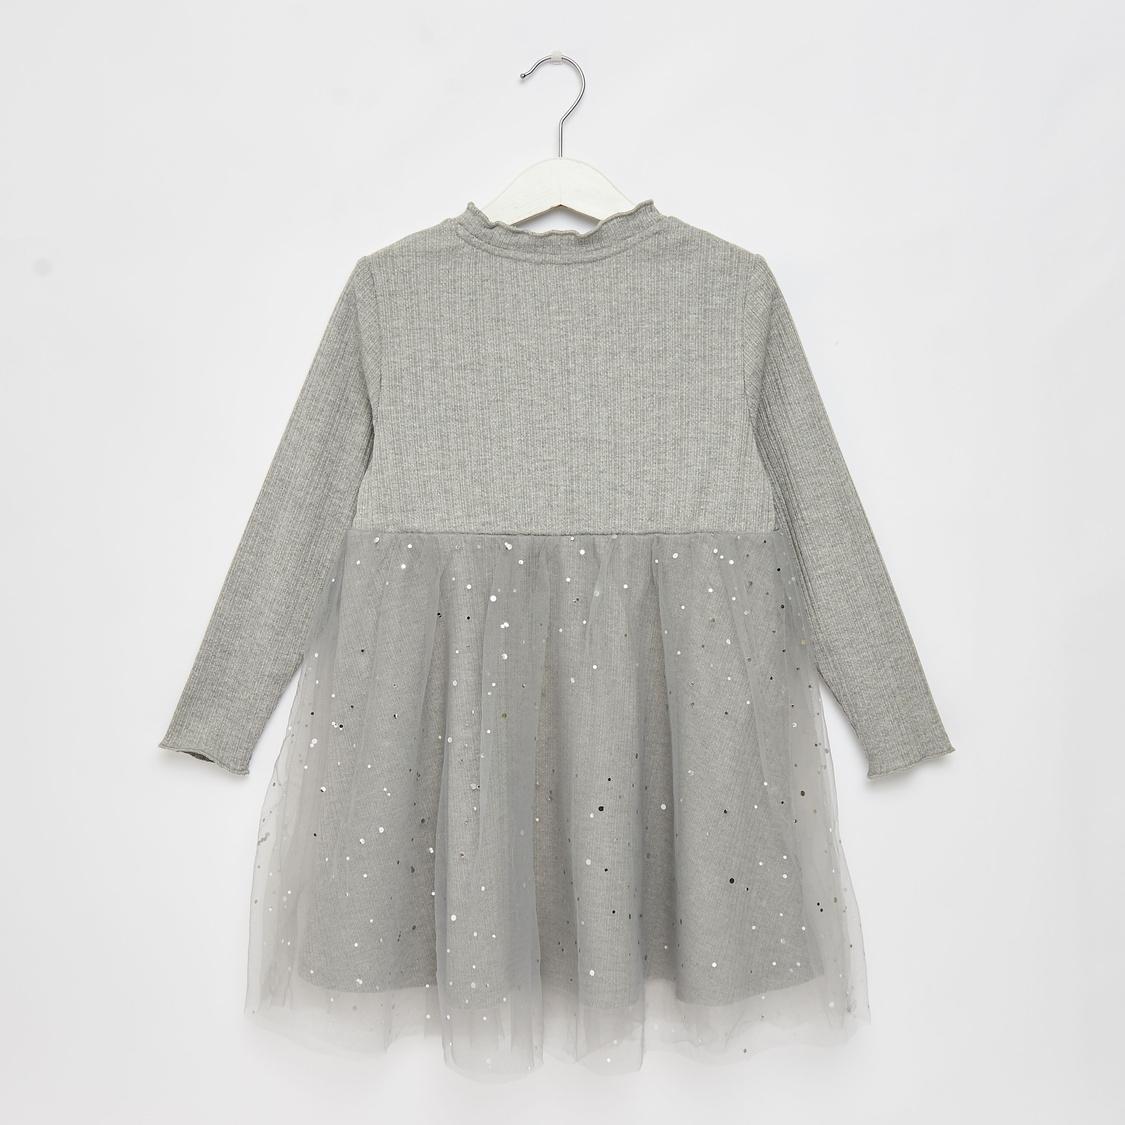 فستان توتو مزيّن بأكمام طويلة وياقة بتفاصيل كشكشة